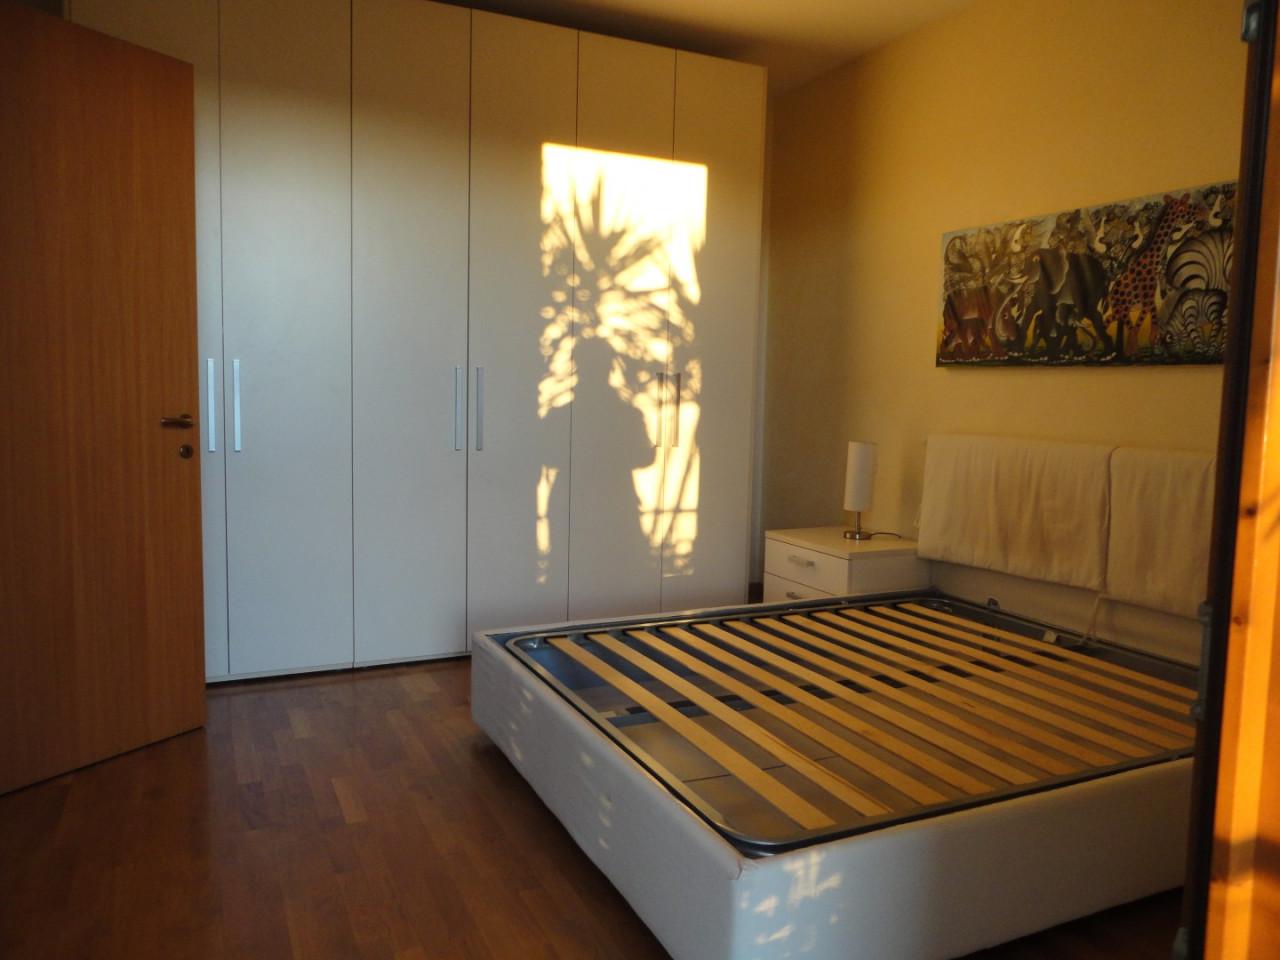 D293 Mini appartamento arredato in affitto in centro ad Abano Terme https://media.gestionaleimmobiliare.it/foto/annunci/200210/2148270/1280x1280/005__dsc05031__large.jpg